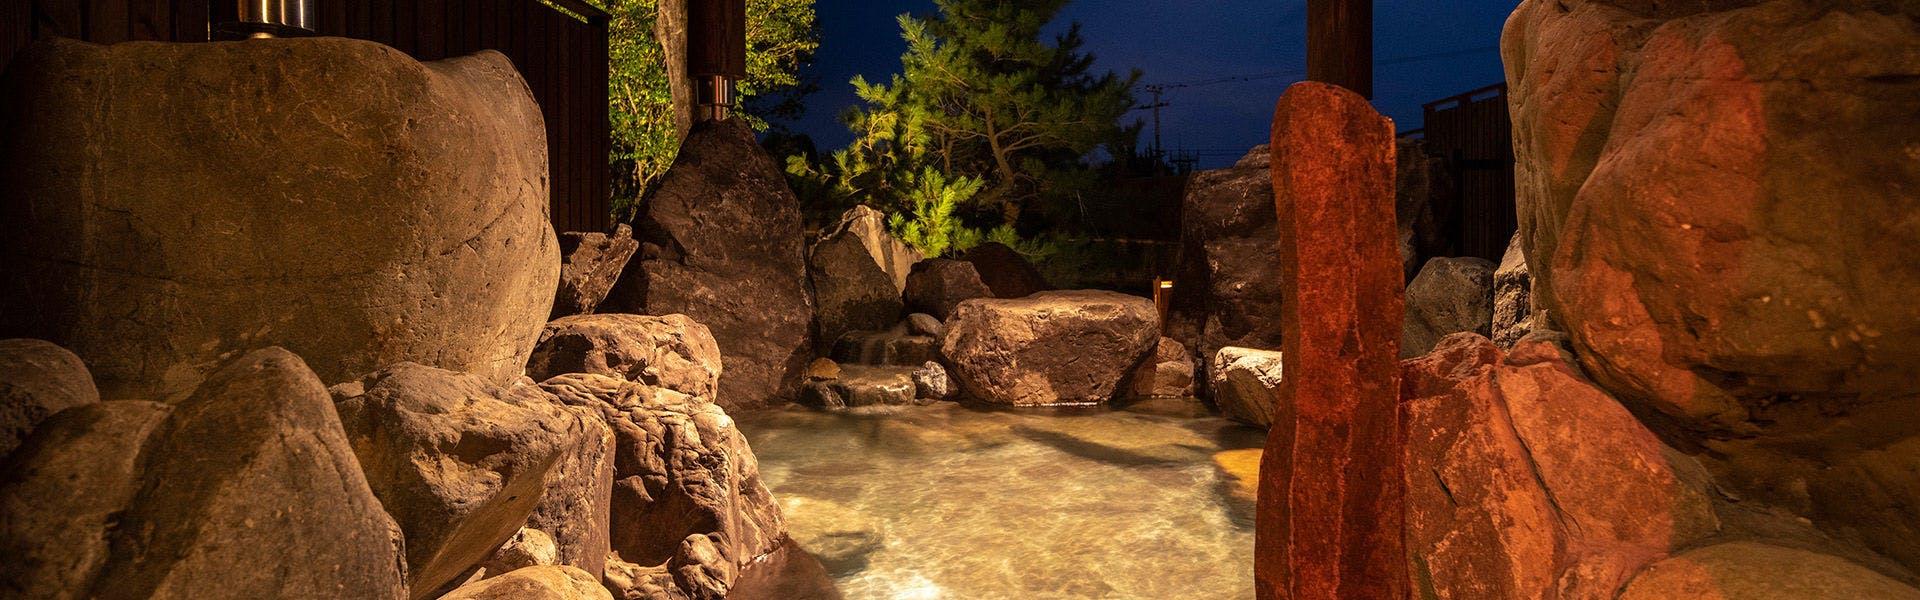 記念日におすすめのホテル・ラビスタ霧島ヒルズの写真3